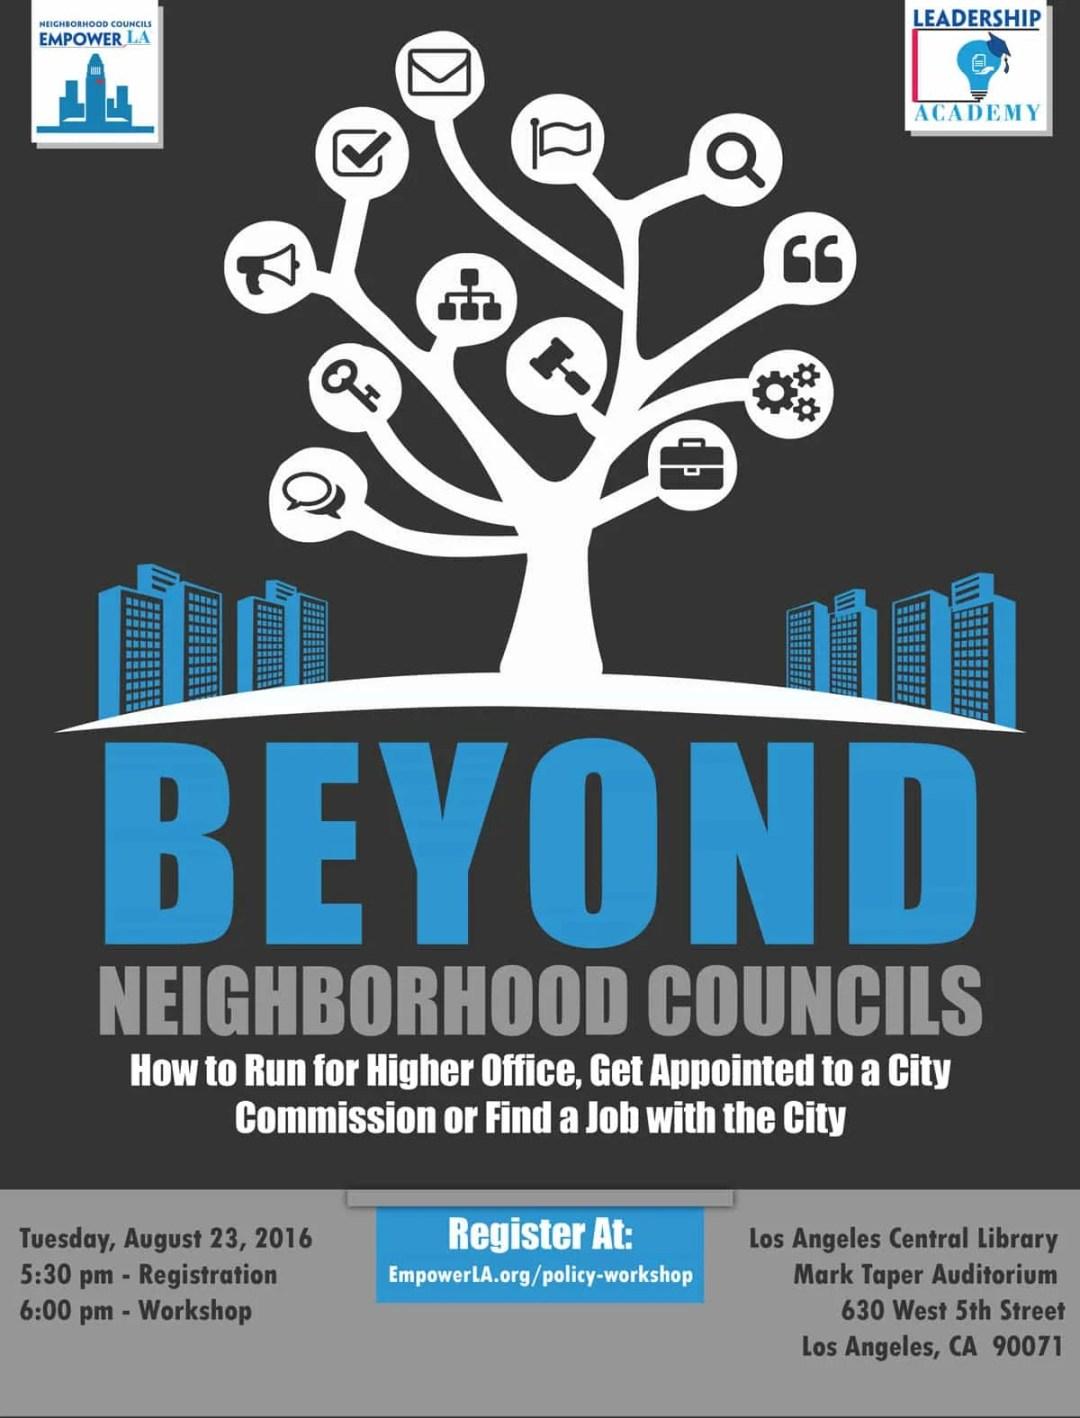 Beyond-Neighborhood-Councils-Flyer